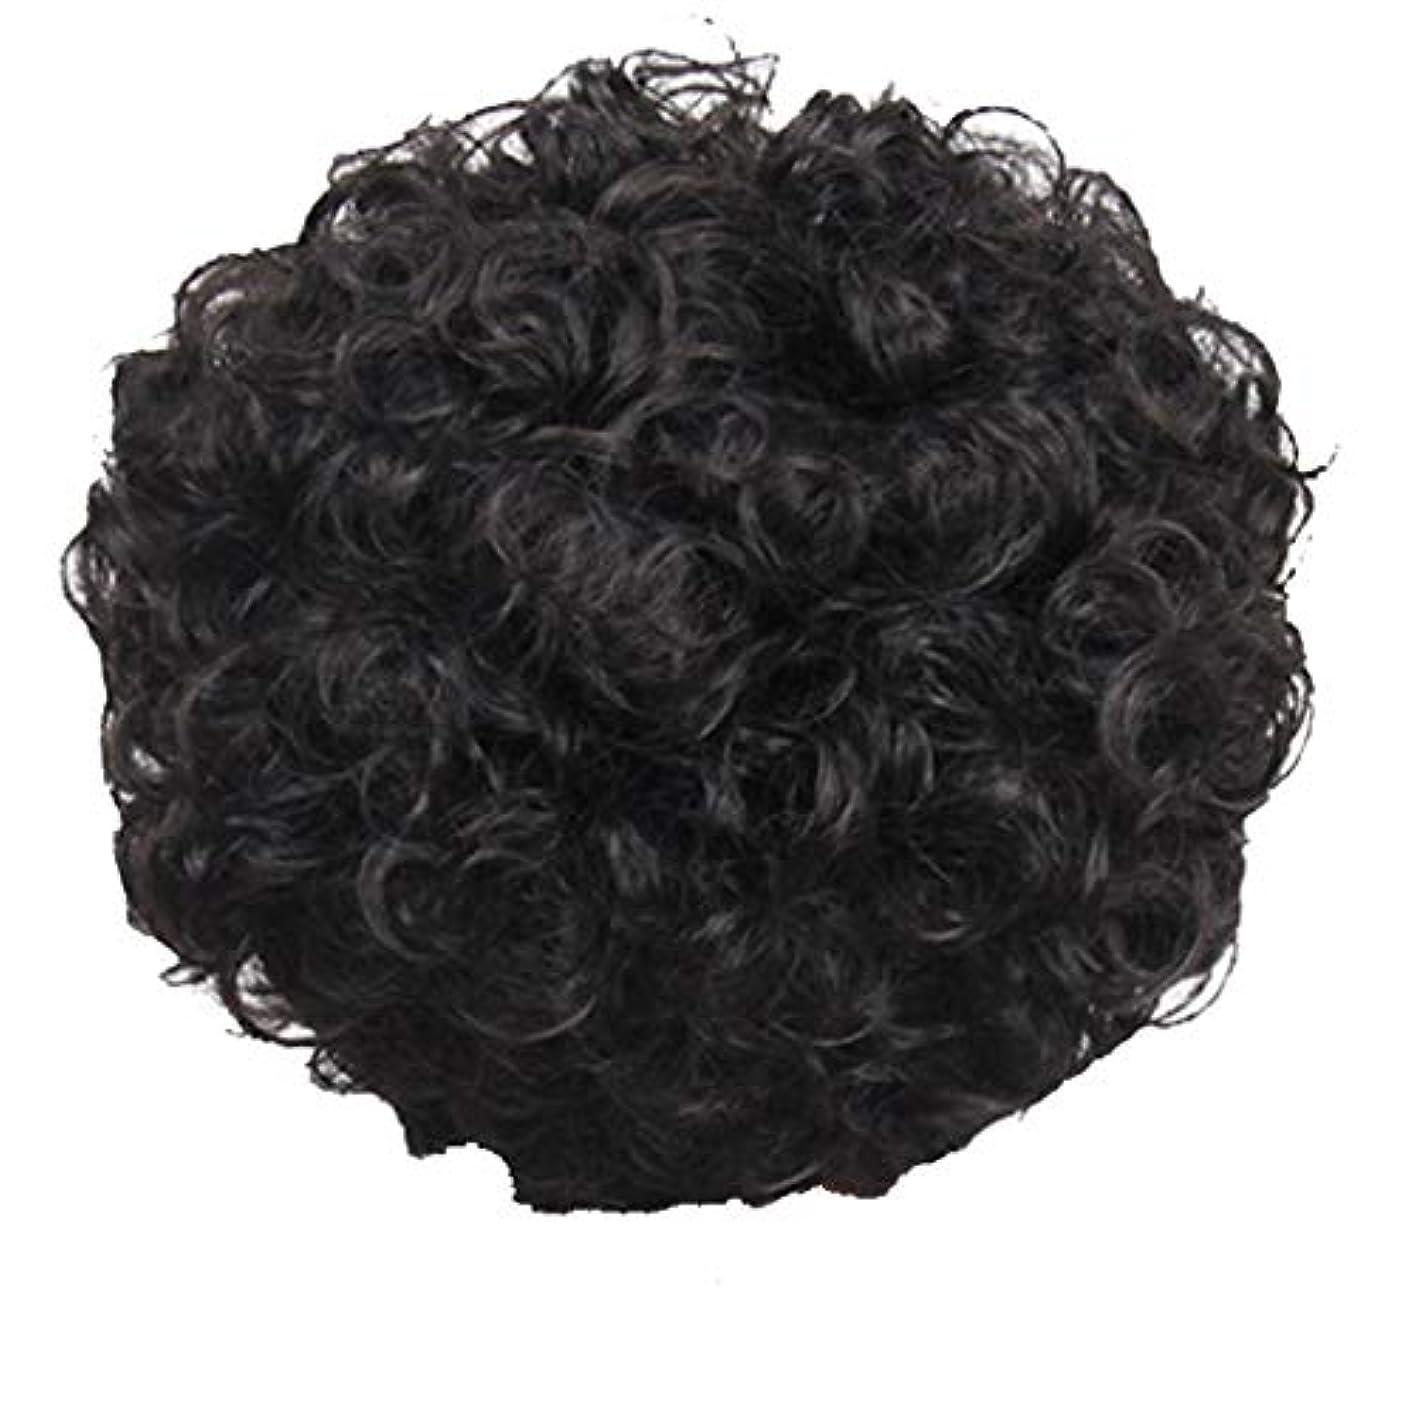 ノミネート暗黙ピニオンかつら、女性、短い髪、巻き毛、かつら、エルフカット、かつらキャップ、27cm